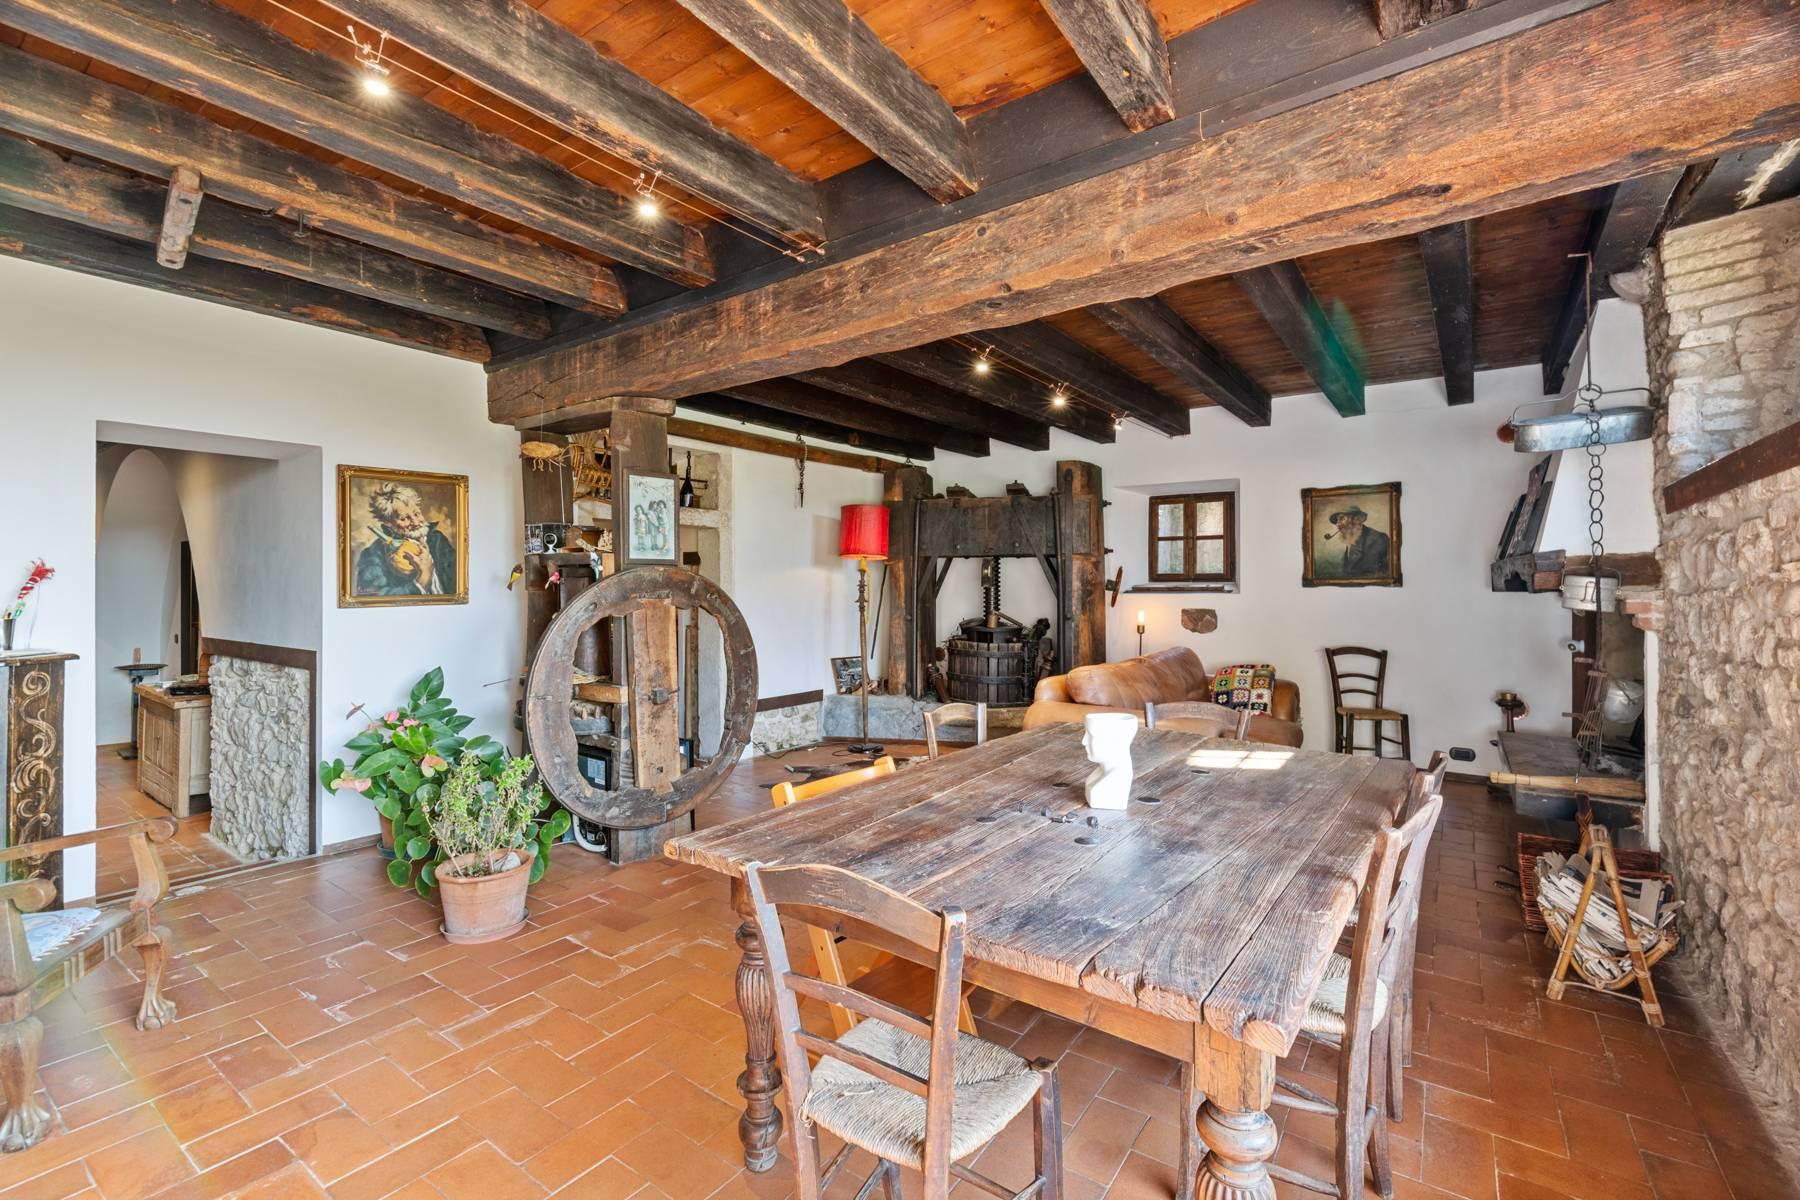 Rustico in Vendita a Caprino Veronese: 5 locali, 770 mq - Foto 5